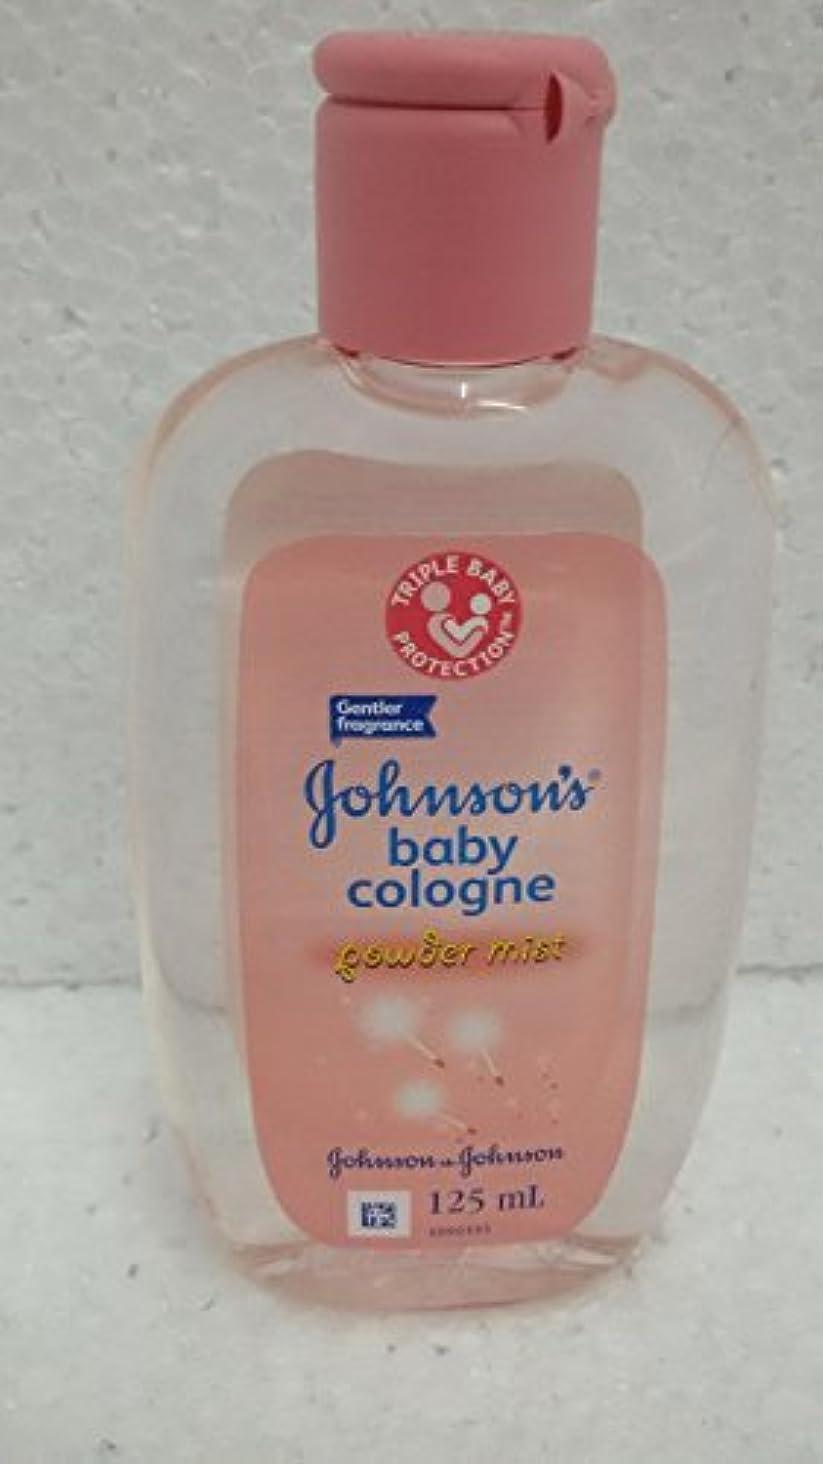 勝者禁止するいちゃつくJOHNSON'S BABY COLOGNE POWDER MIST 125ml ジョンソン ベビーコロン パウダーミスト